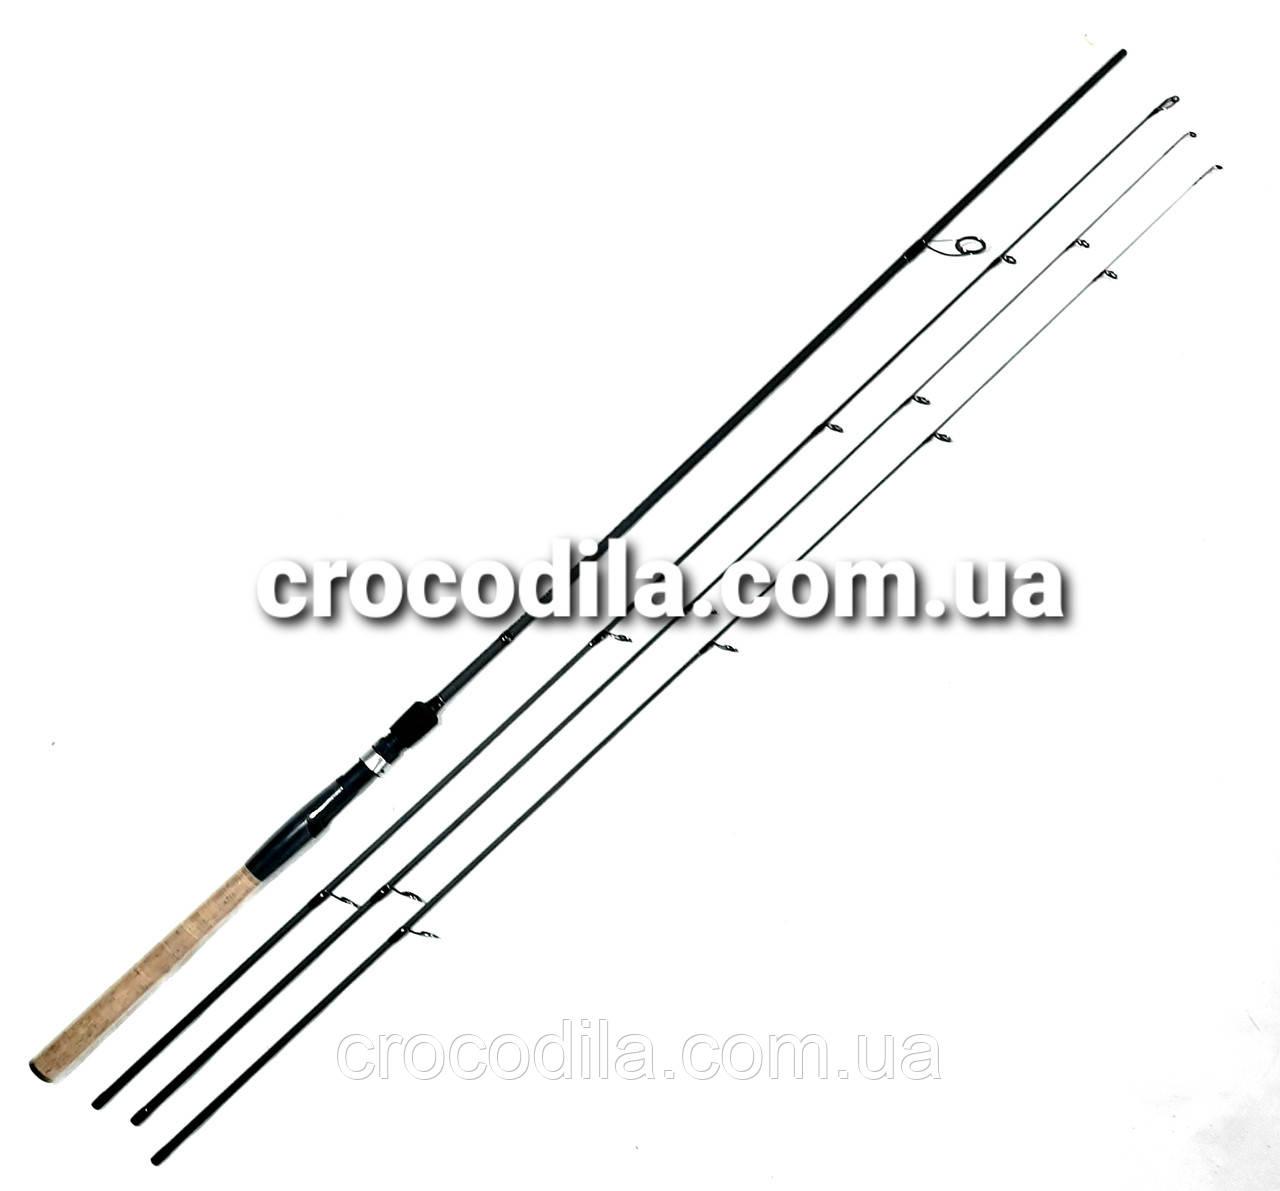 Спиннинговое удилище  Feima TRIFORCE 2.4 м с тремя хлыстами 0-10 гр, 3-15 гр и 5-20 грамм